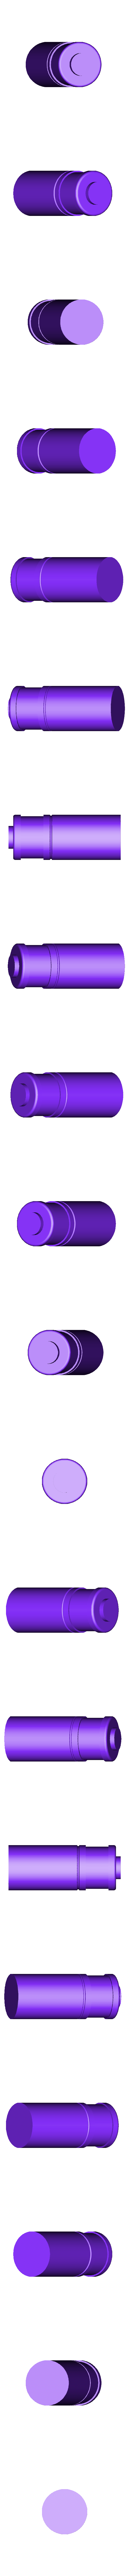 Shell_2.stl Download free STL file Borderlands Bandit Room Clener Shotgun • 3D printer object, Dsk